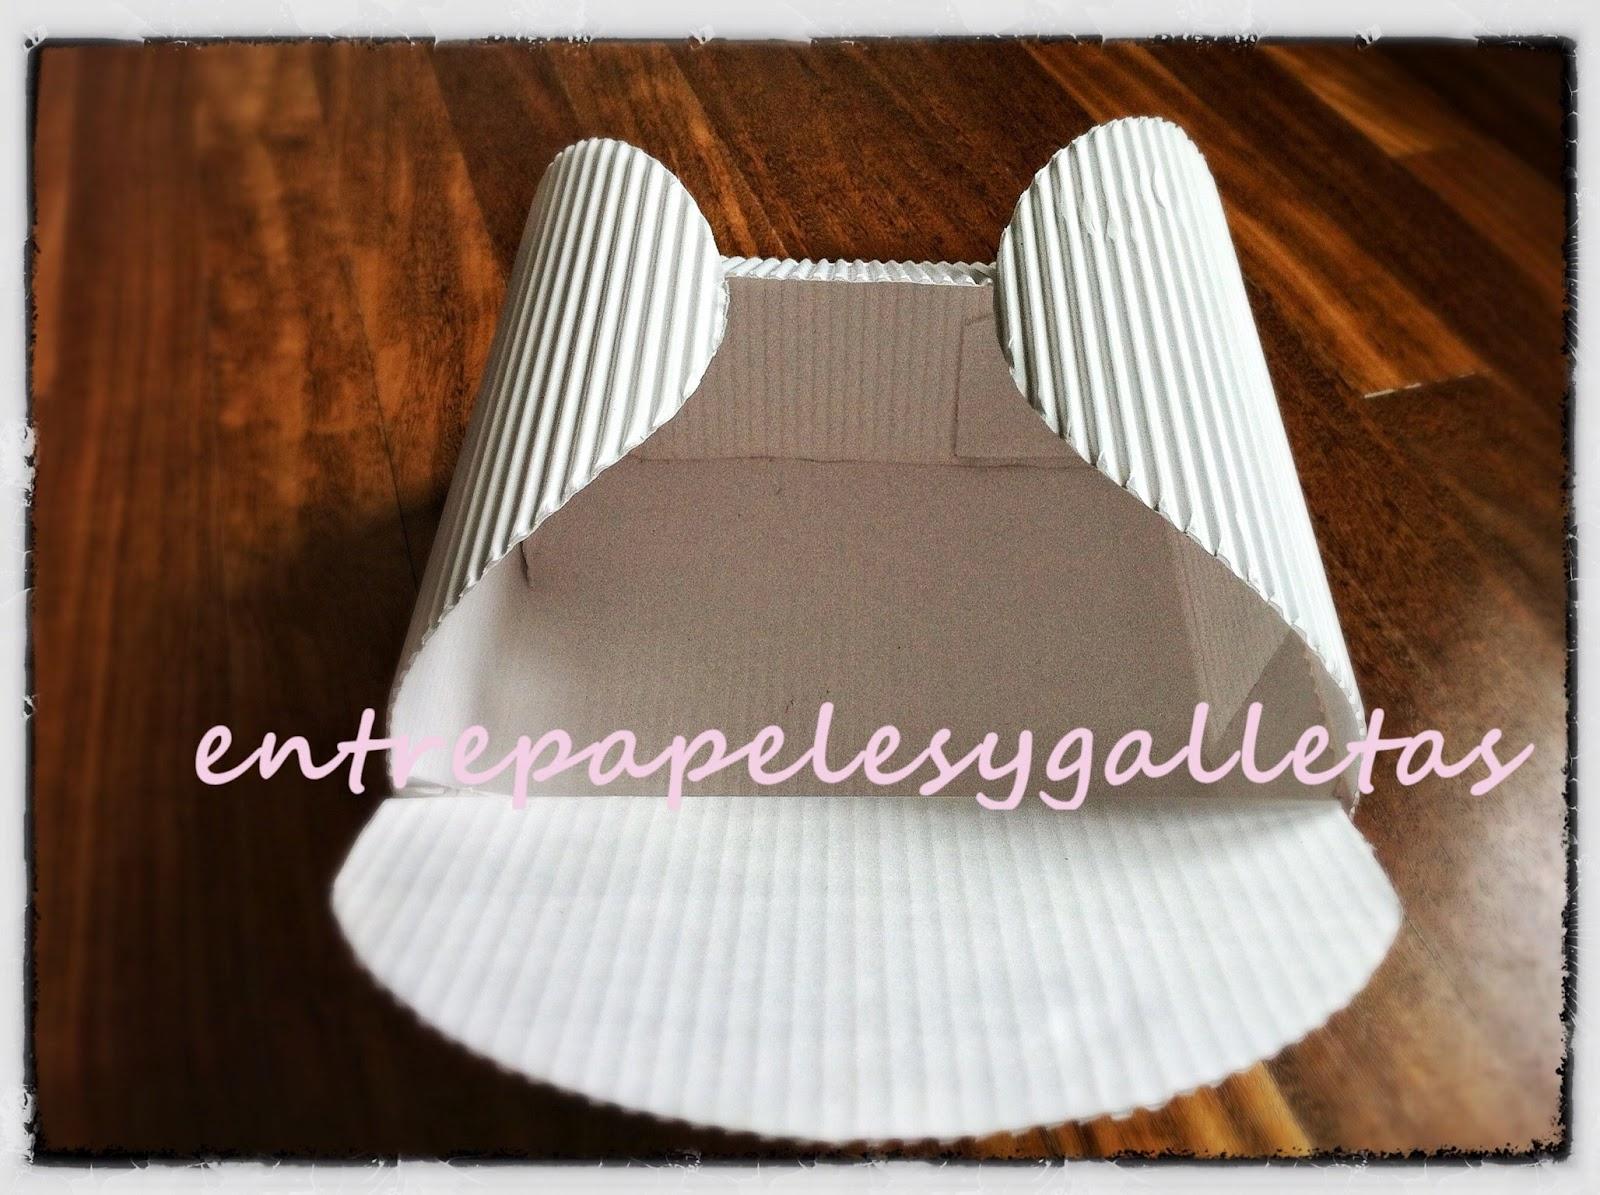 Tutorial de caja en cart n corrugado entre papeles y - Como hacer una caja con carton ...